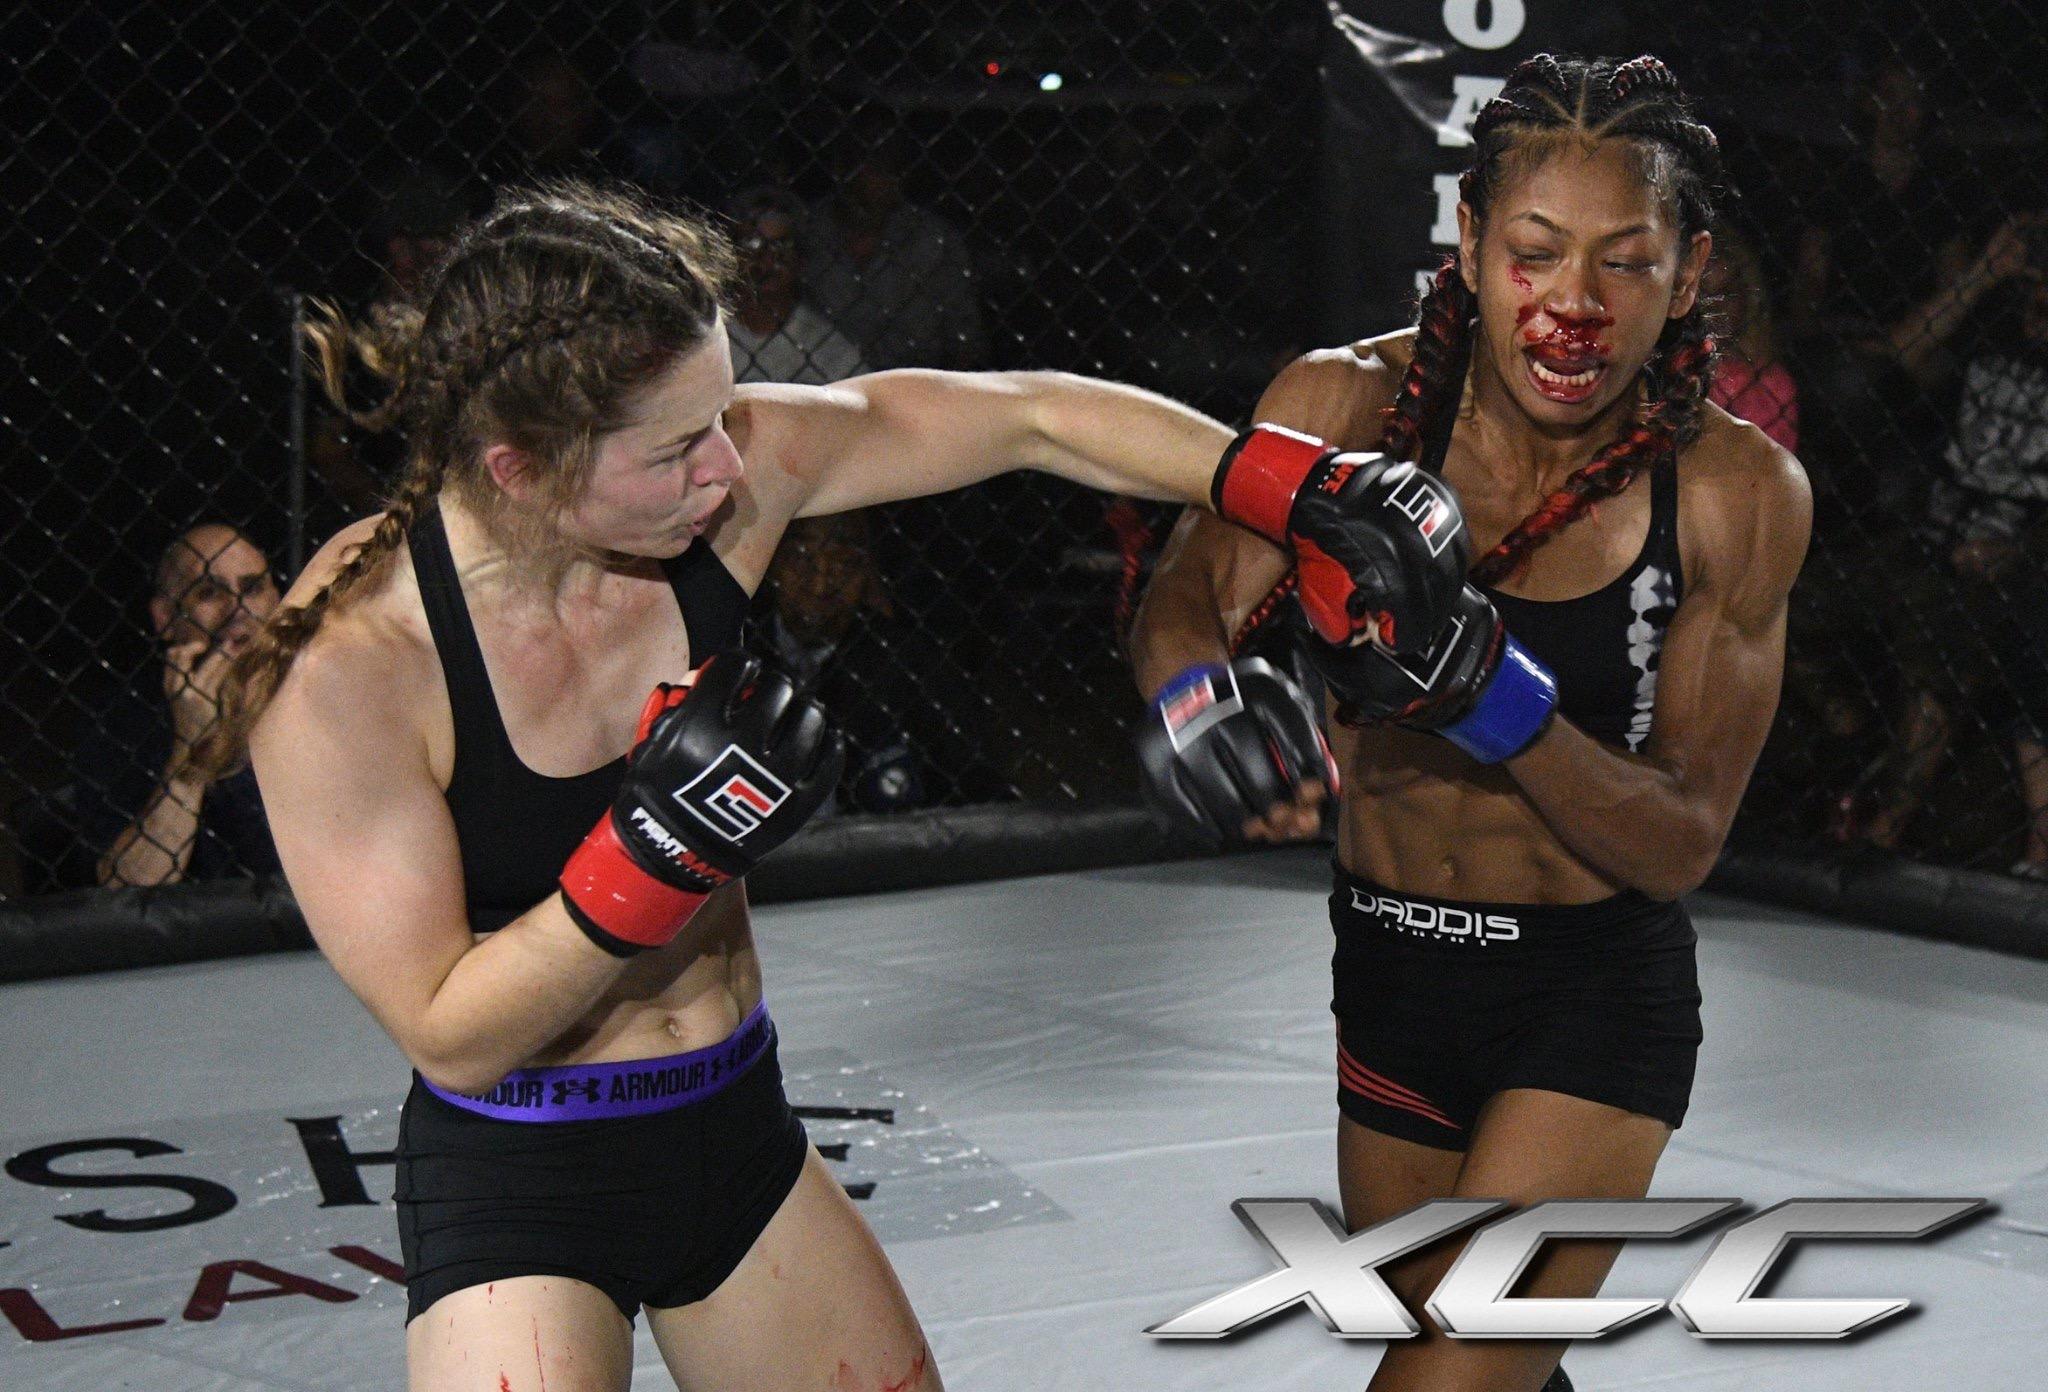 Kristy Wolterbeek - Amateur MMA Fighter